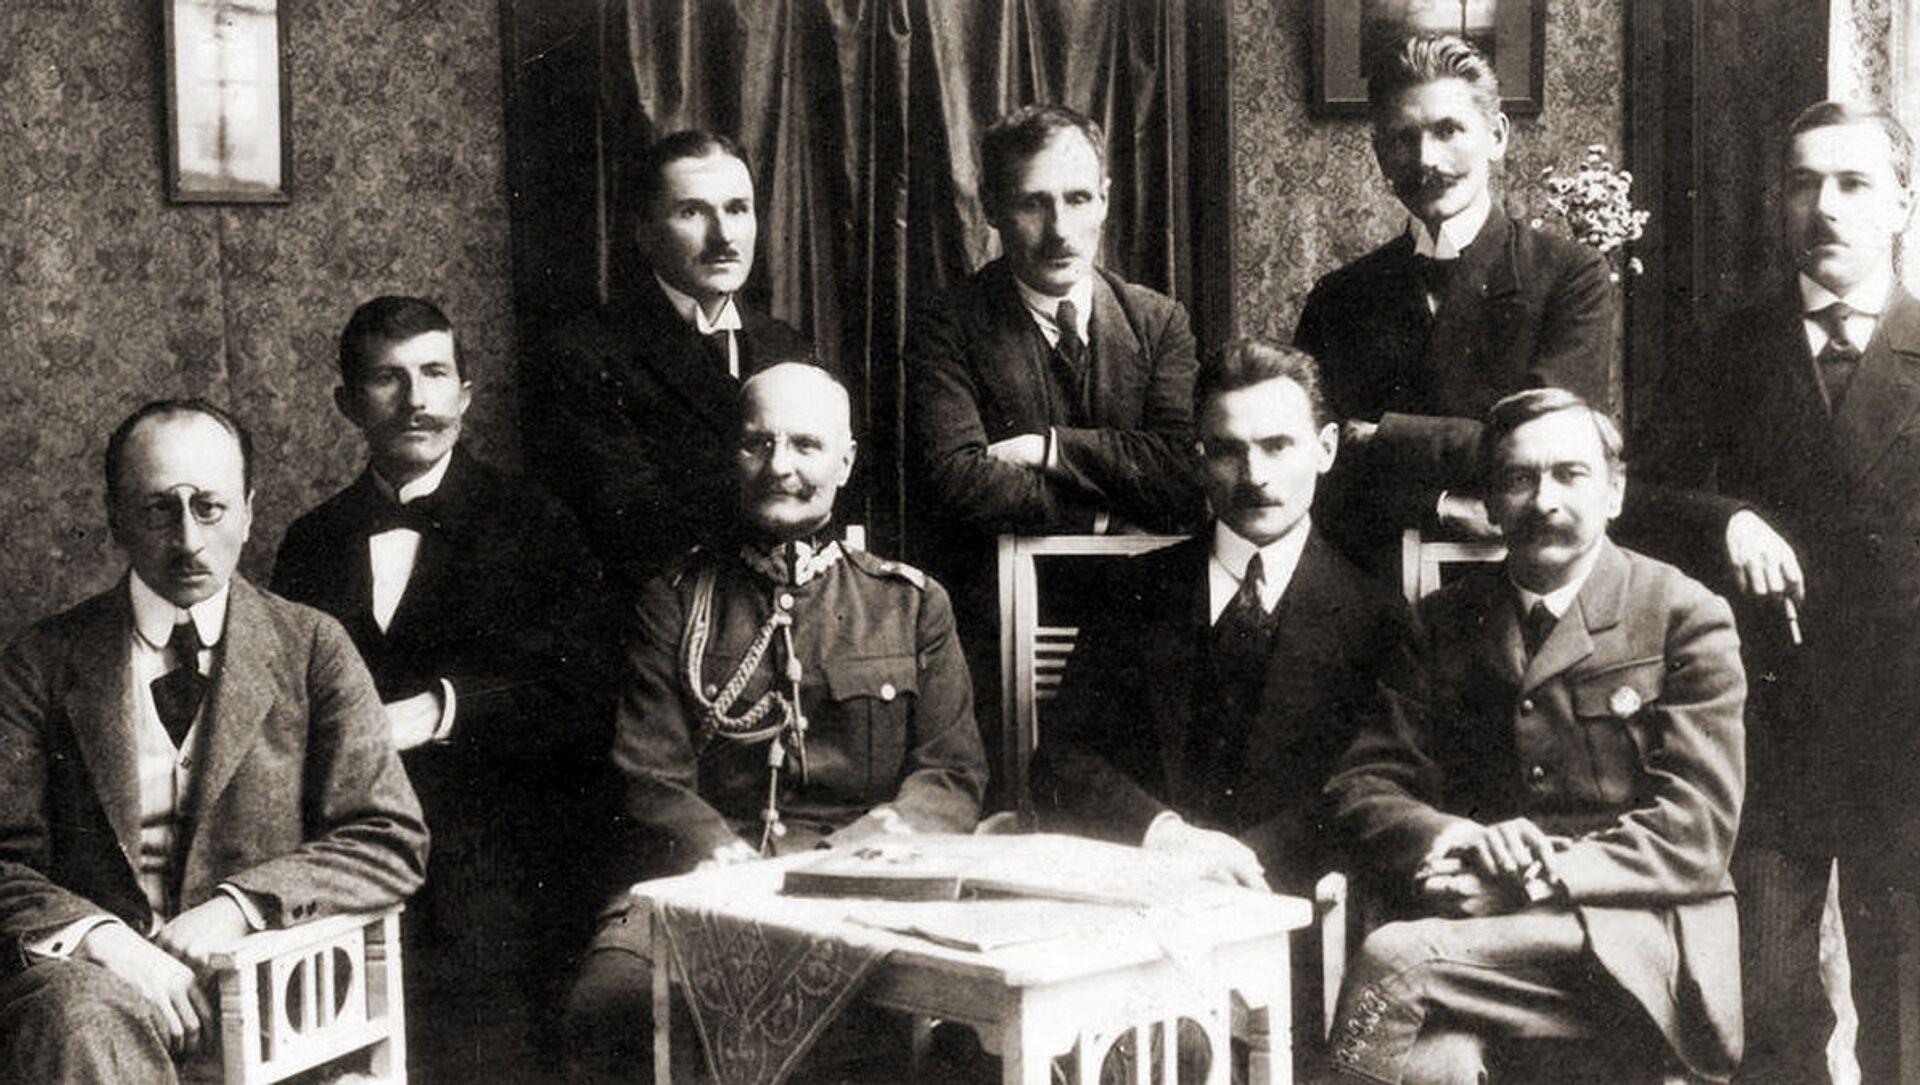 Delegacja polska na rokowania o zawieszeniu broni i zawarciu pokoju z Rosją Sowiecką 1920. - Sputnik Polska, 1920, 10.03.2021